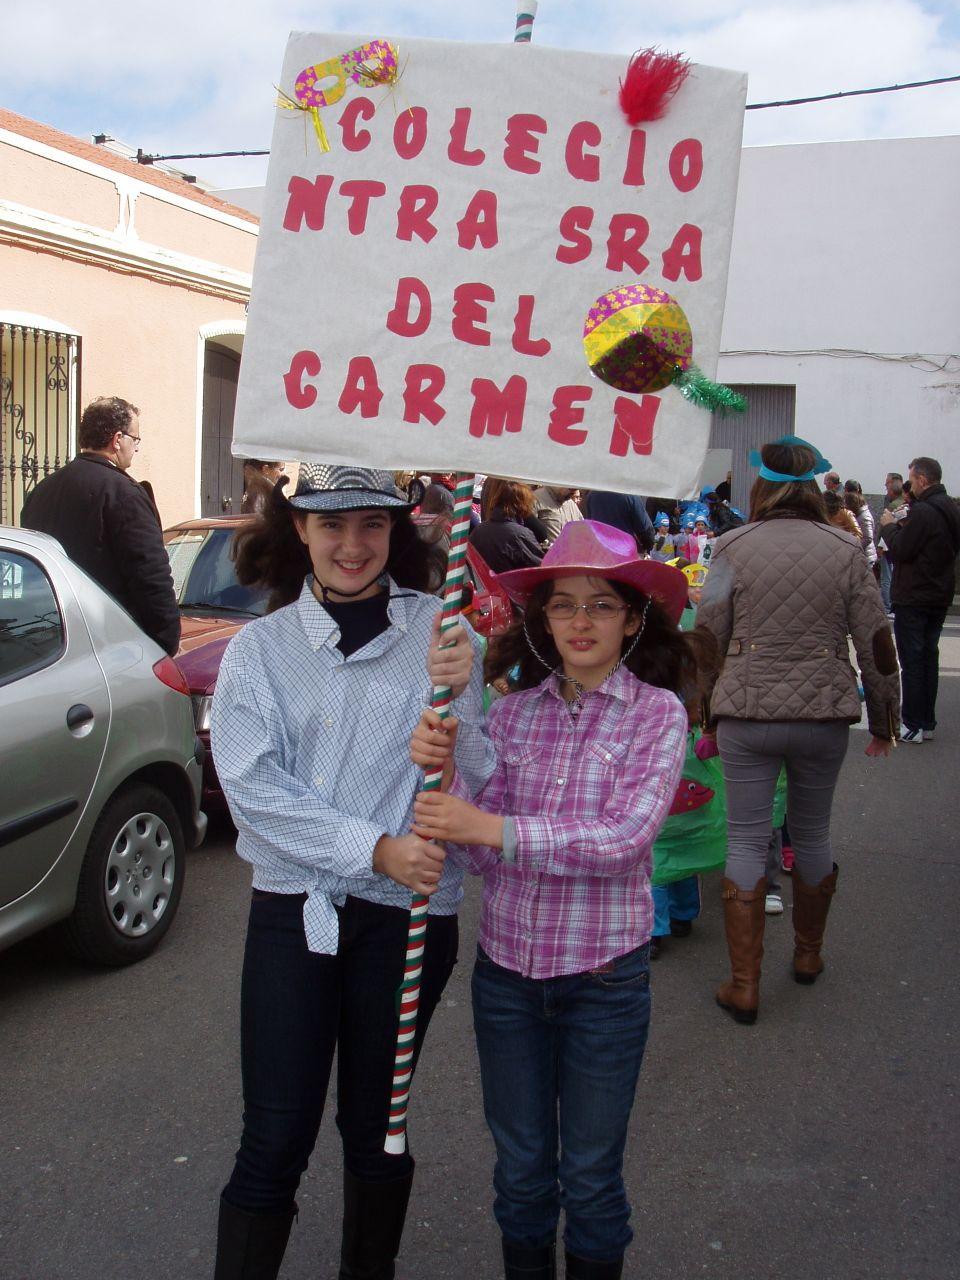 Carnaval Colegio Ntra. Sra. del carmen